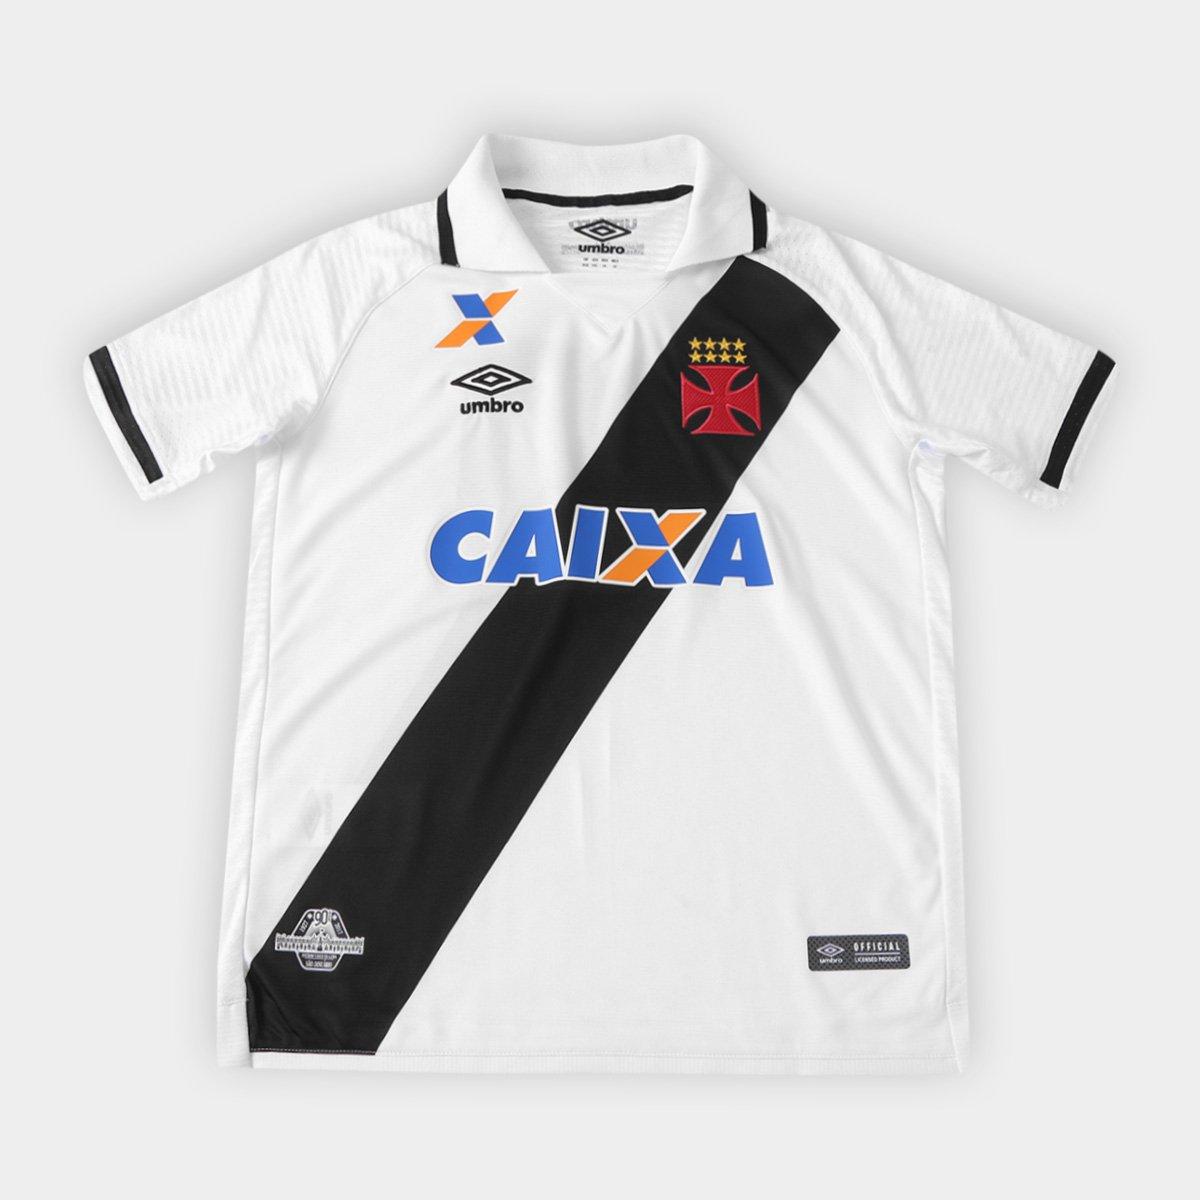 Camisa Vasco Juvenil II 17 18 nº 10 - Torcedor Umbro - Compre Agora ... ec743a7ffb04f